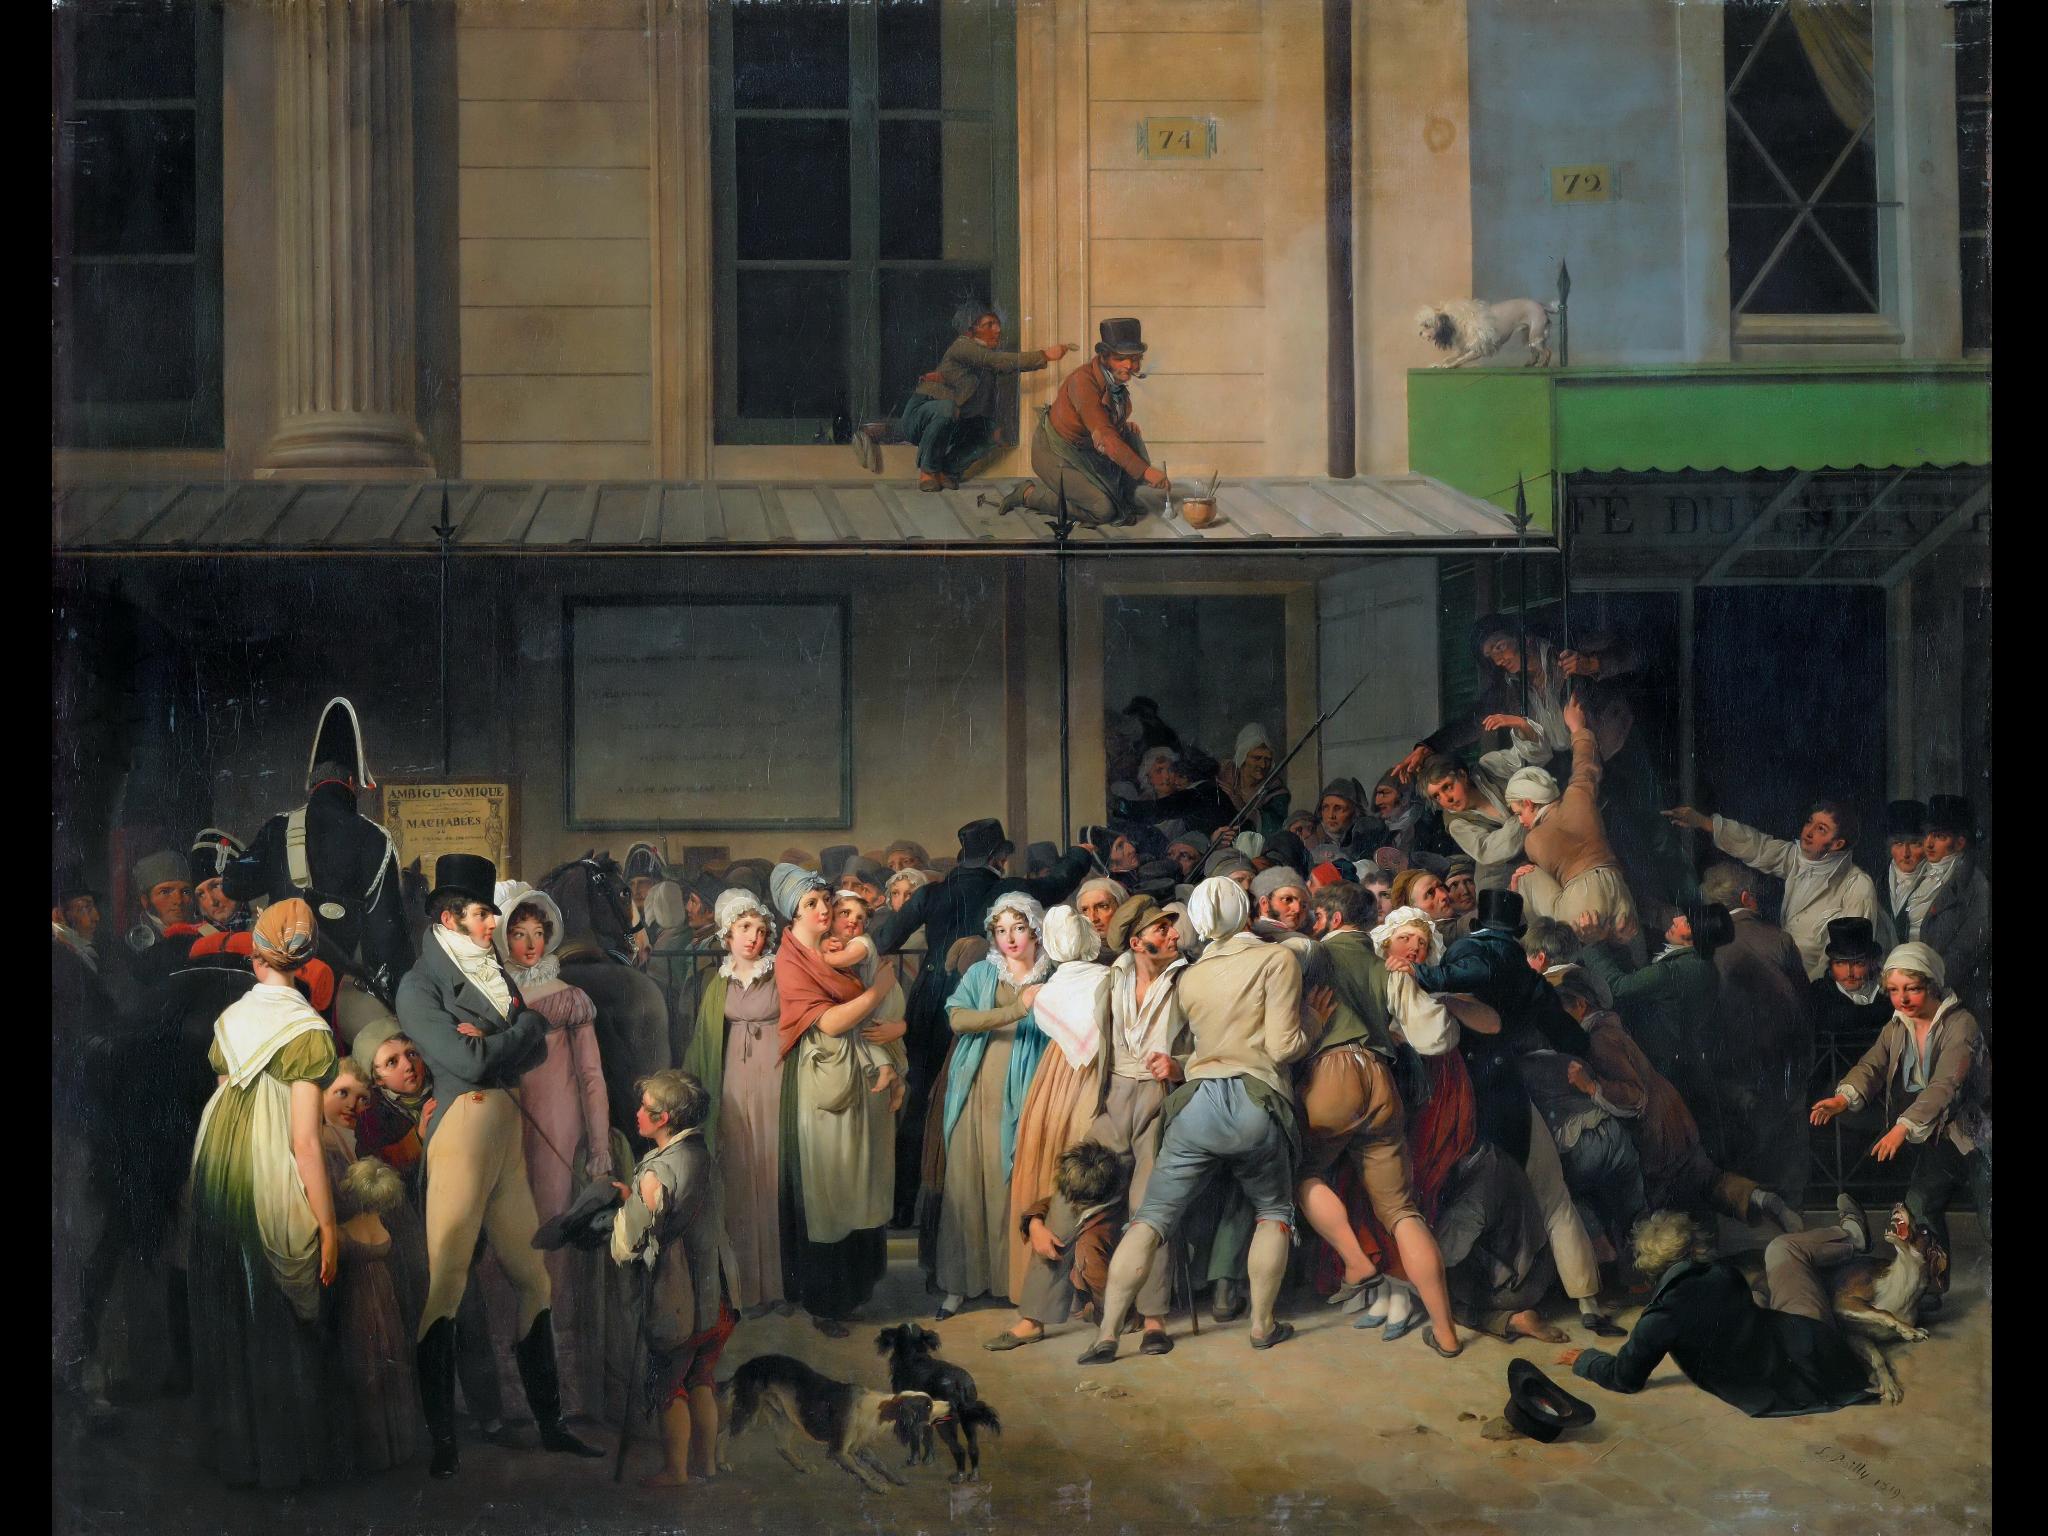 Louis-Léopold Boilly (1761-1845), Entrata del Teatro dell'Ambigu-Comique a una rappresentazione gratuita, 1819, (olio su tela). Parigi Louvre.